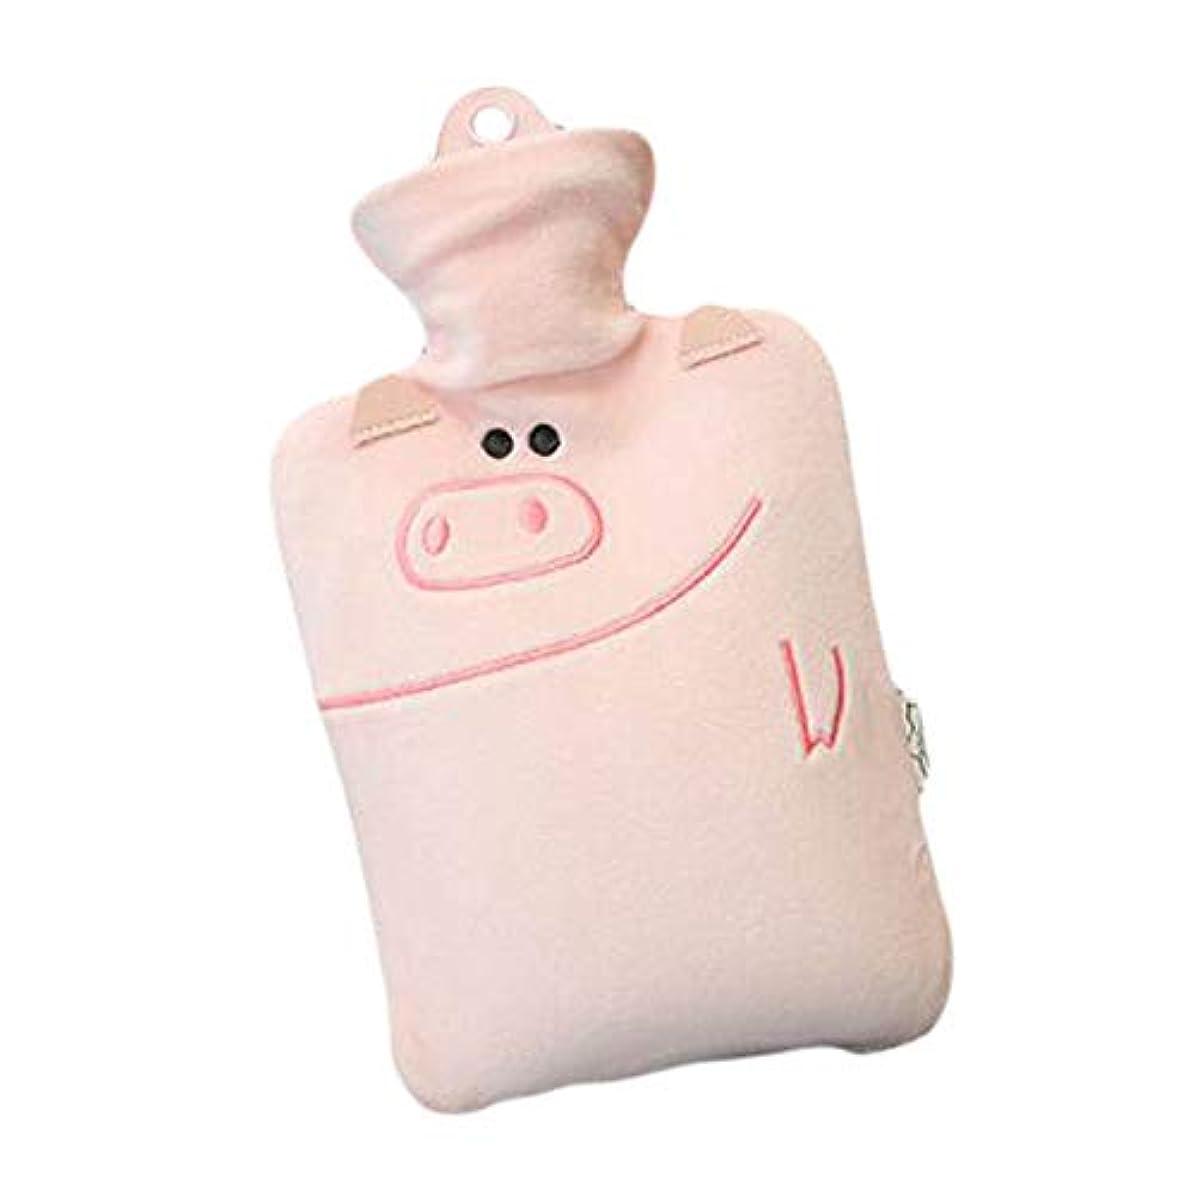 拡張カニ突っ込む愛らしいピンクの豚のパターン400 MLホットウォーターボトル